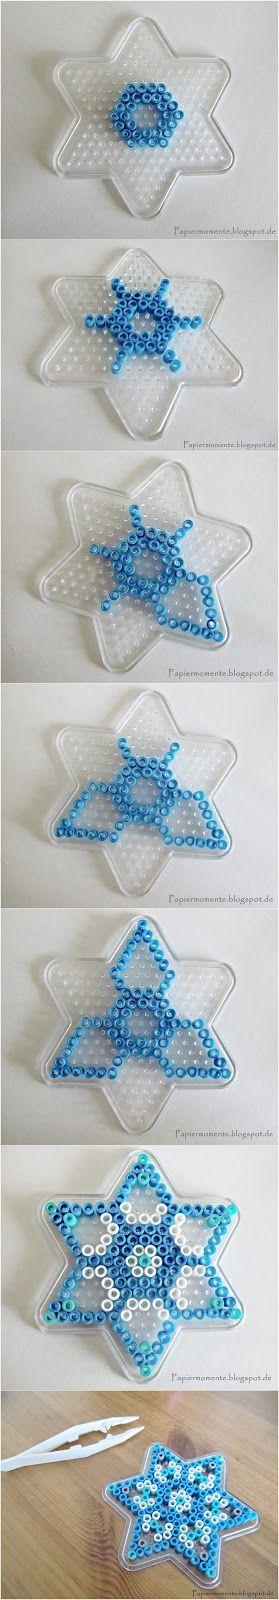 Schneekristall aus Bügelperlen Schneekristalle aus Bügelperlen SIMPLY THE BEST Immer wieder schön, ist das Arbeiten mit Bü...